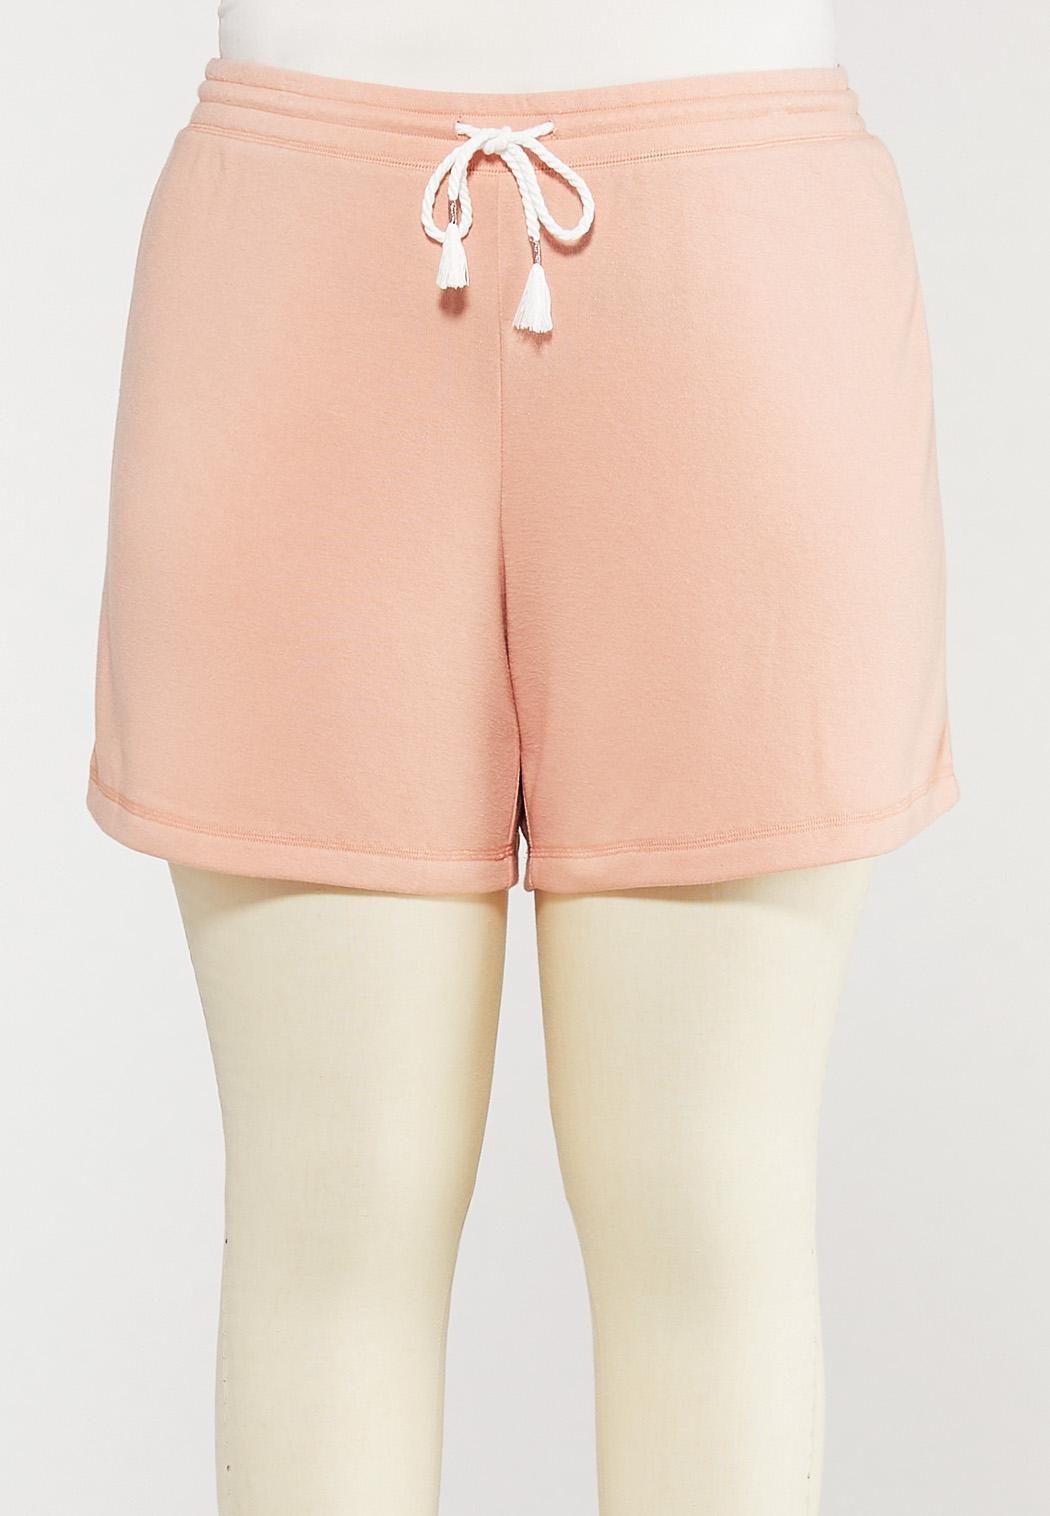 Plus Size Soft Fleece Shorts